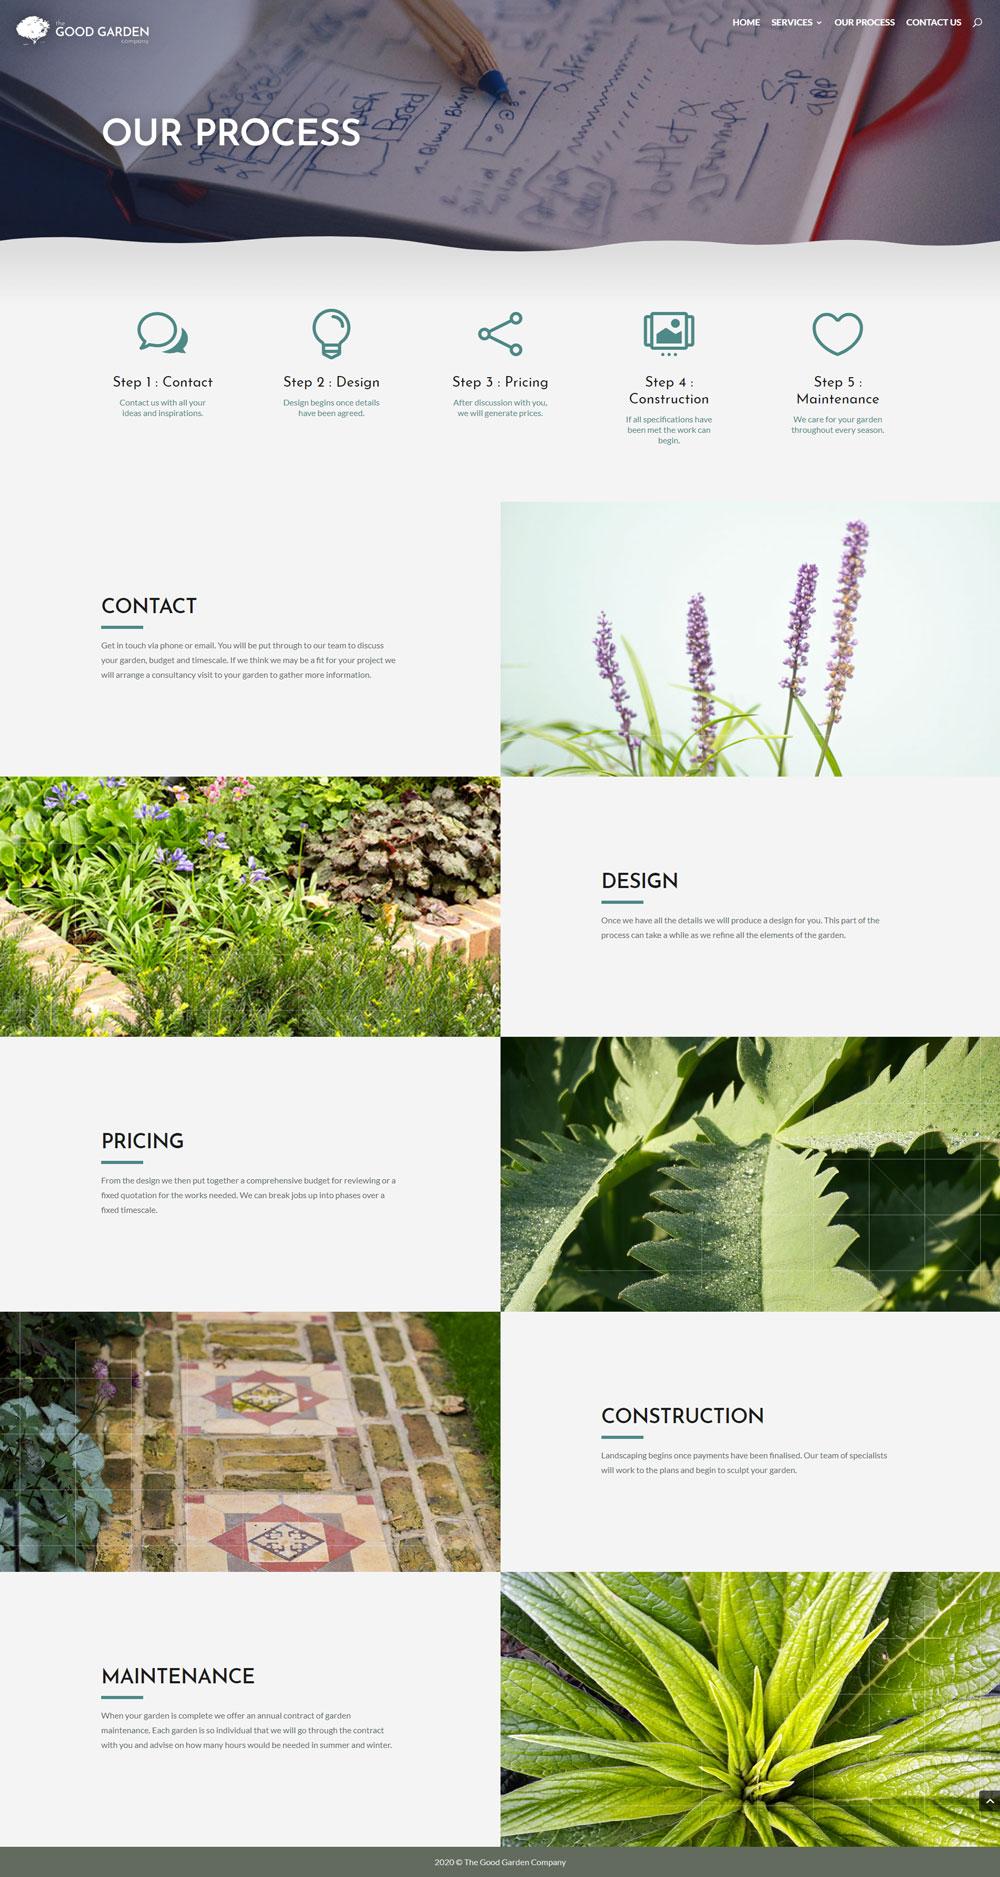 Good Garden Co